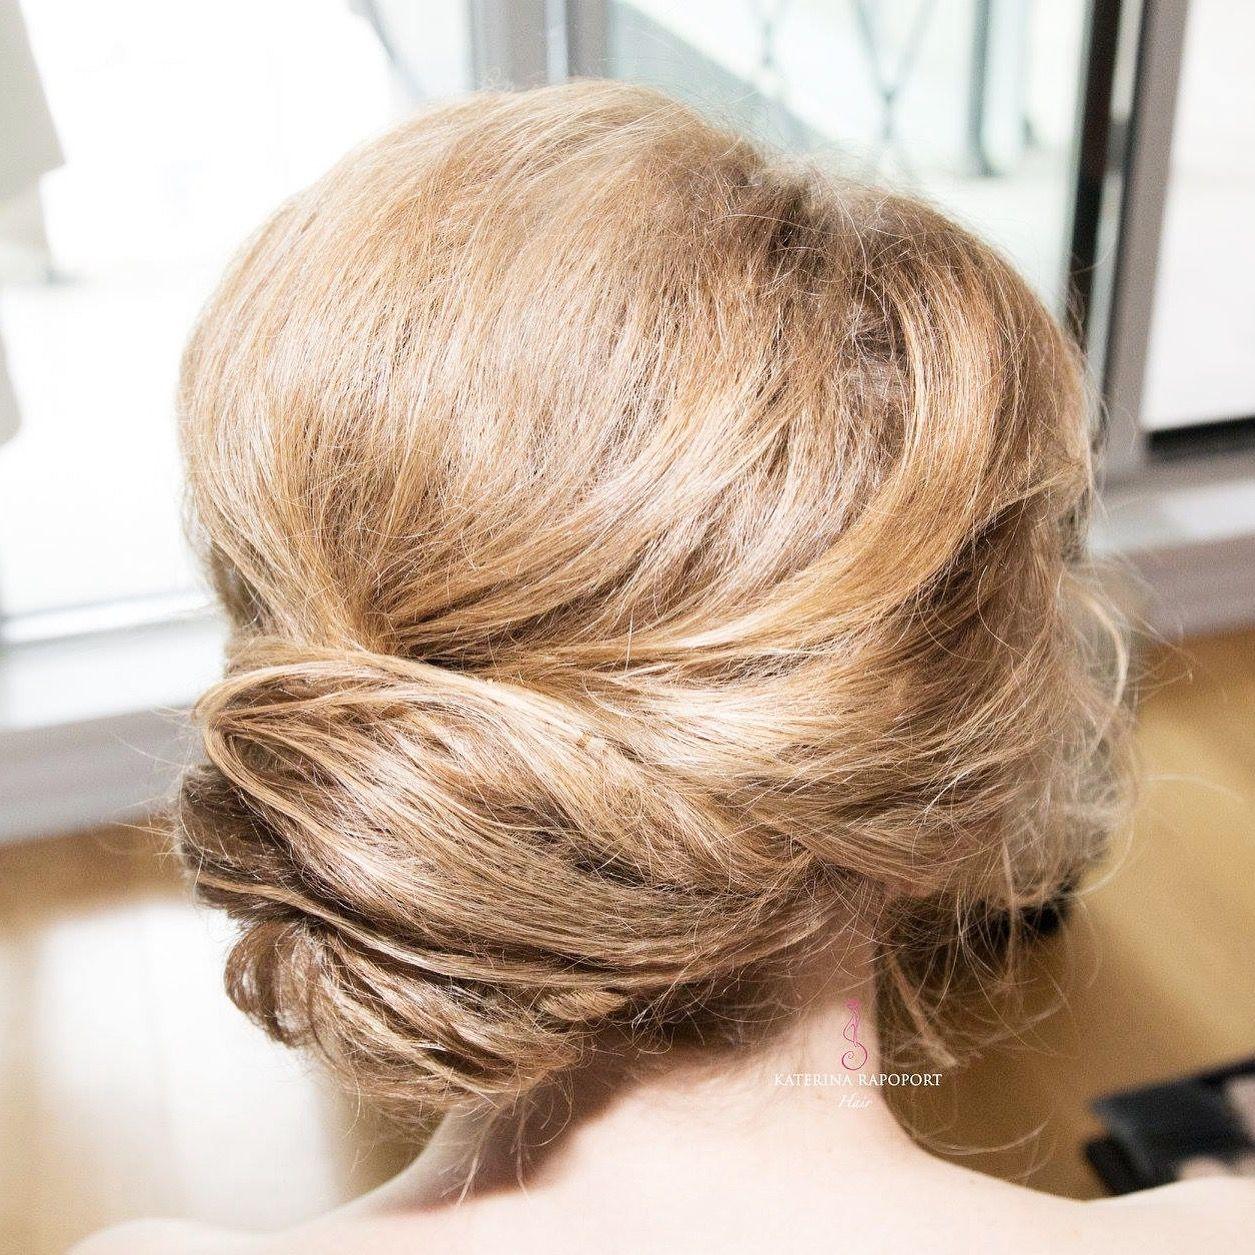 Fashion Beauty Inc: Messy Low Bun Bridal Hair By Katerina Rapoport Inc